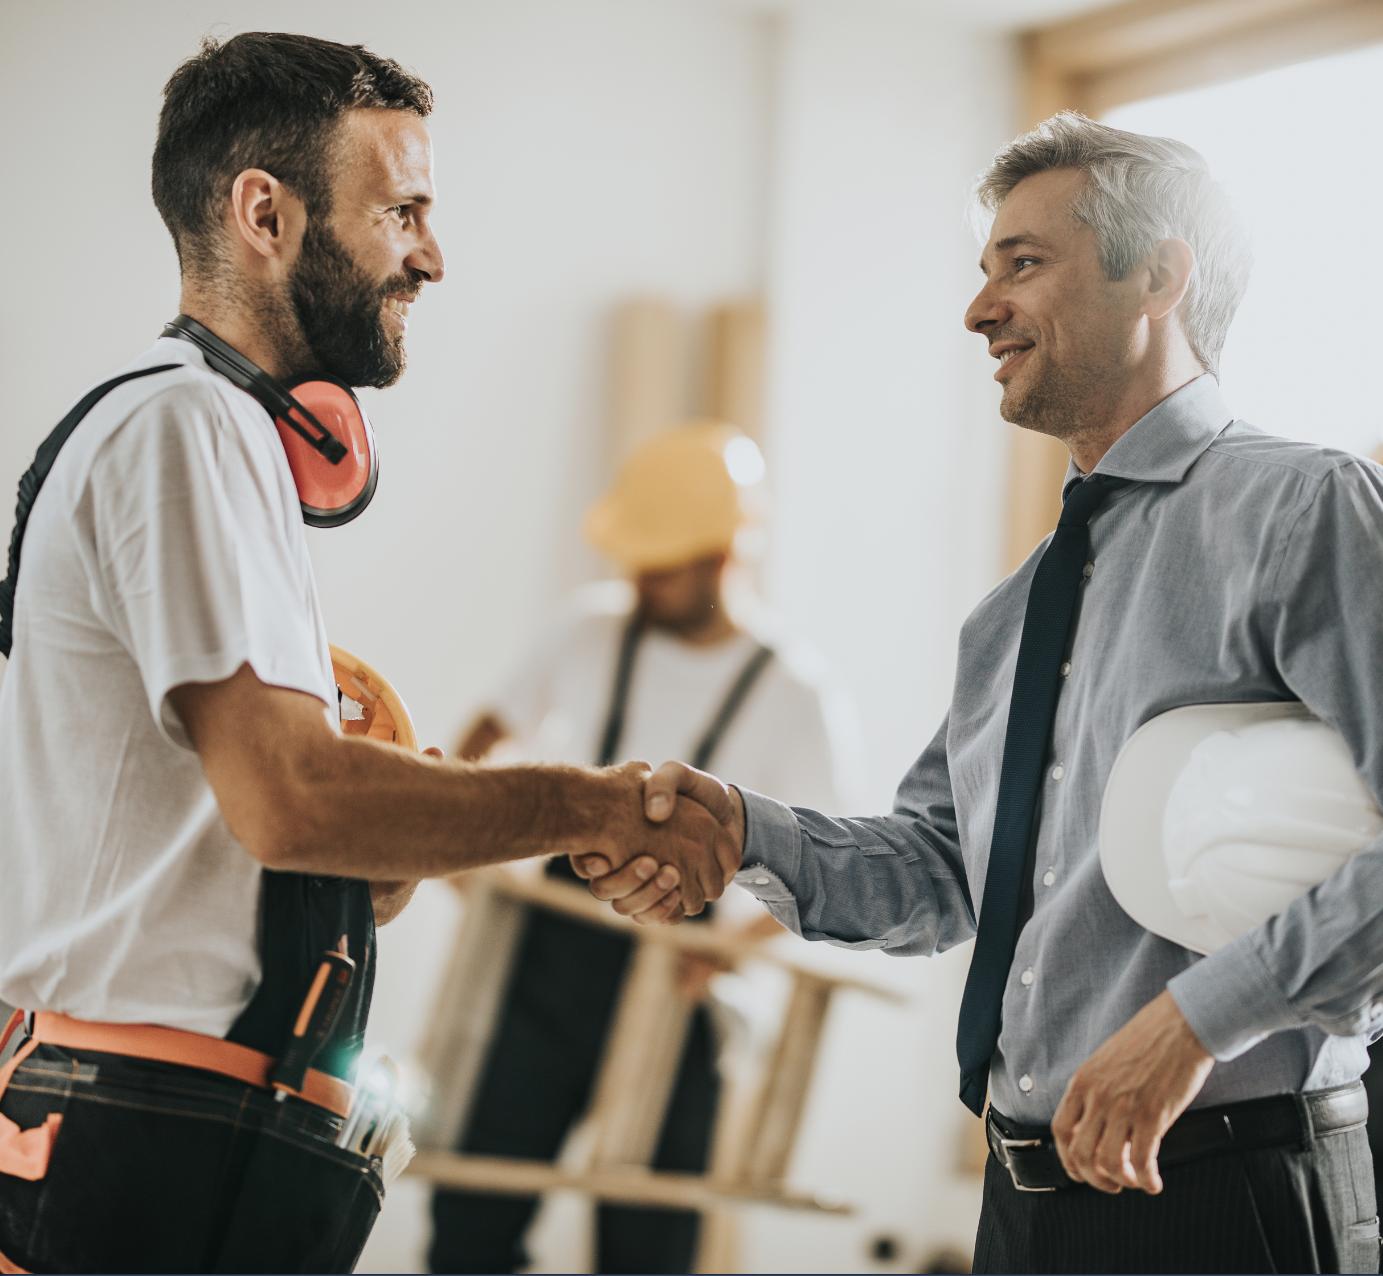 contractors shaking hands